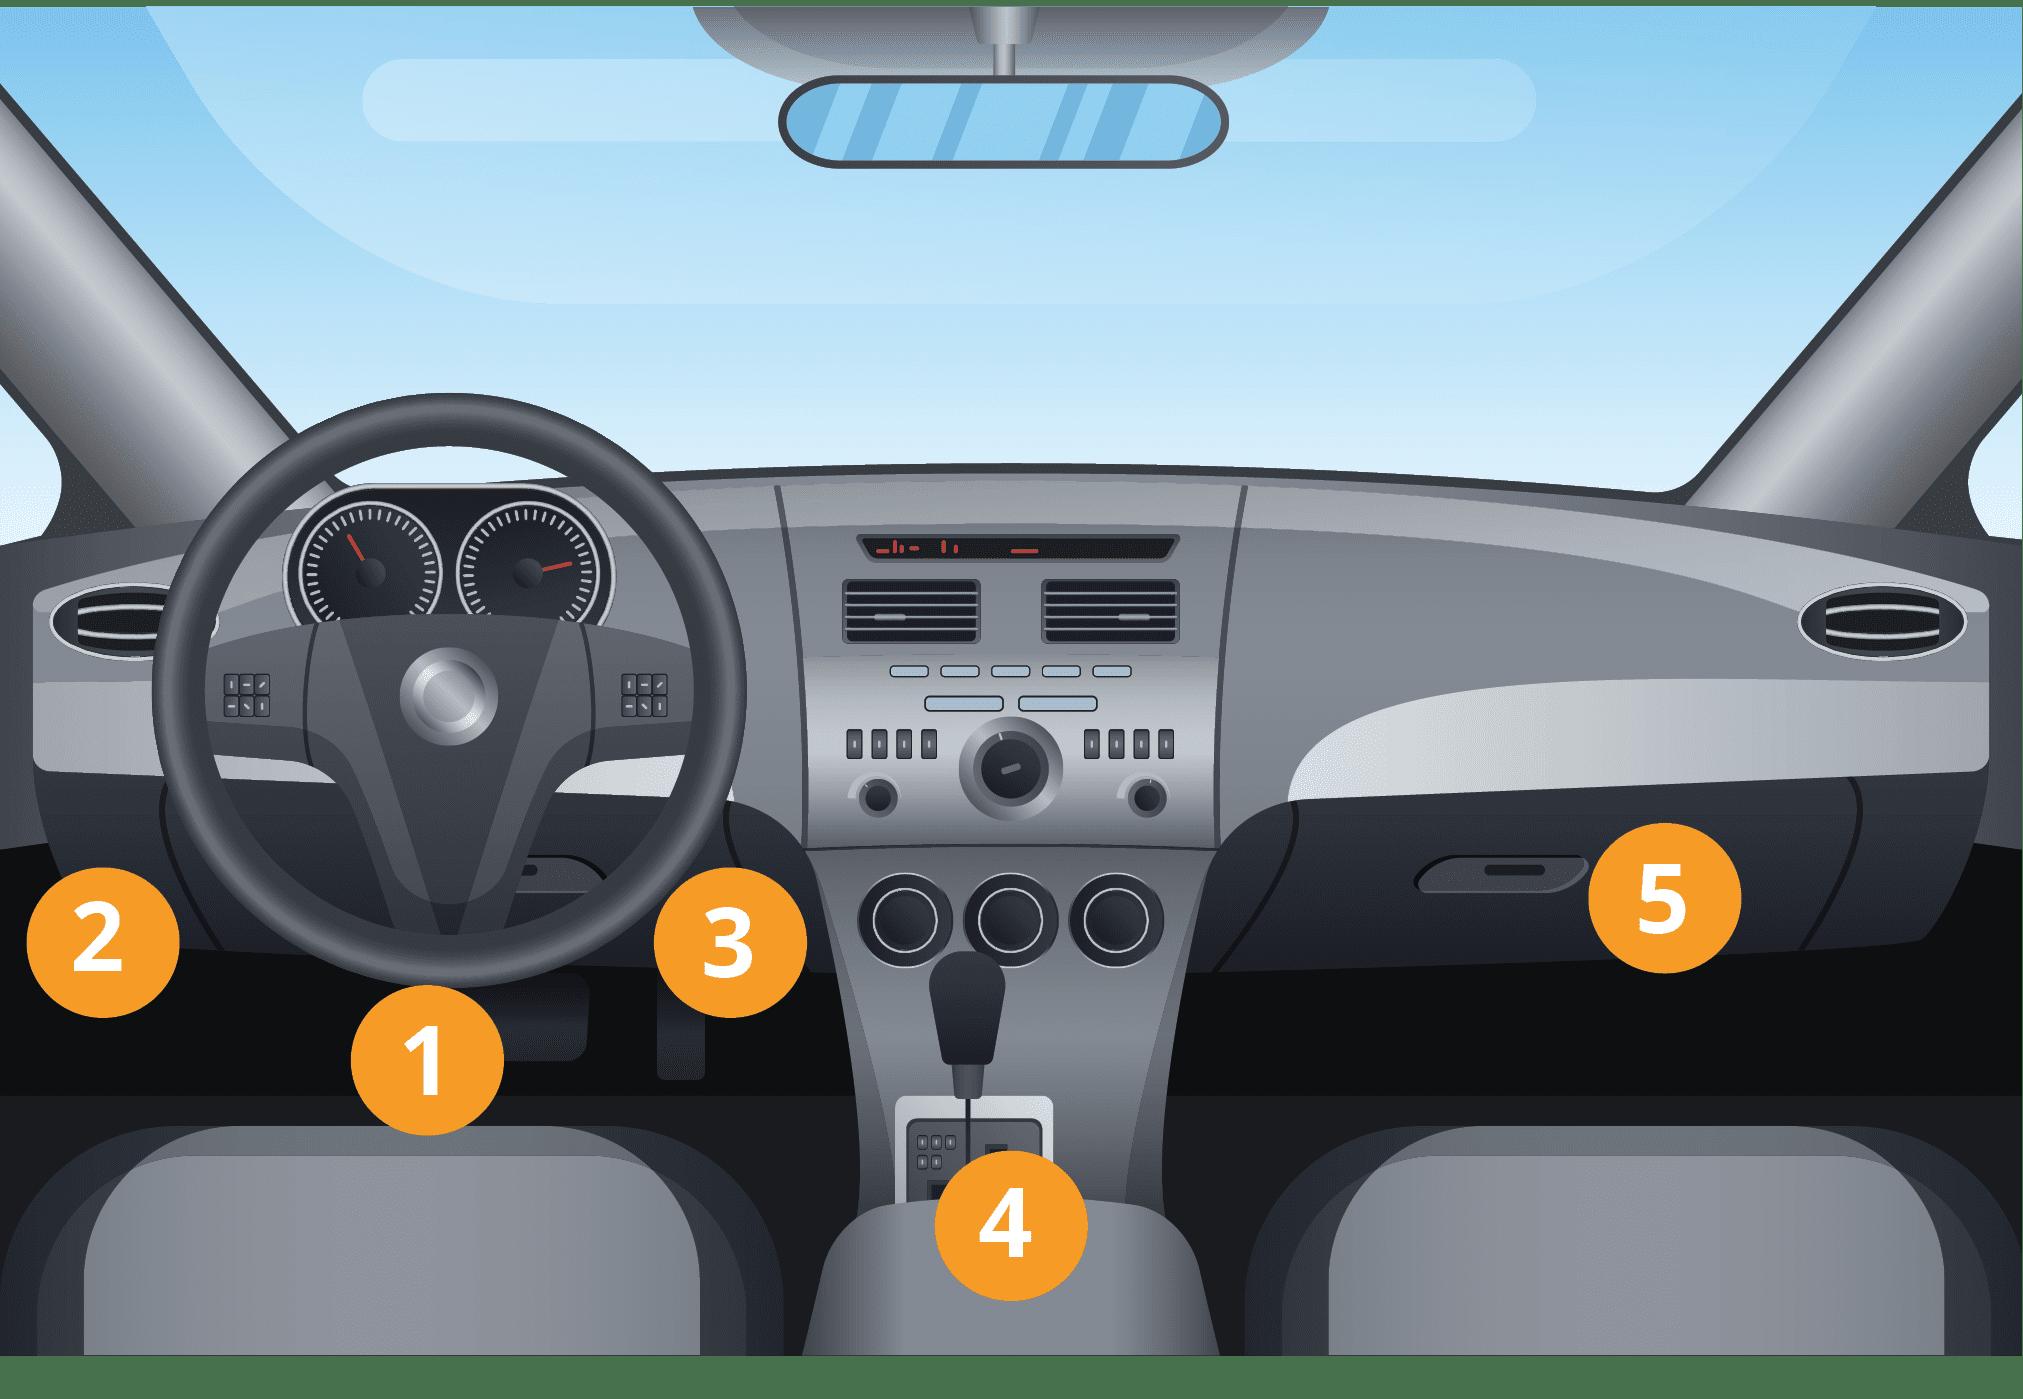 Mögliche Ansteck-Orte für AutoLogg - OBD II Schnittstelle